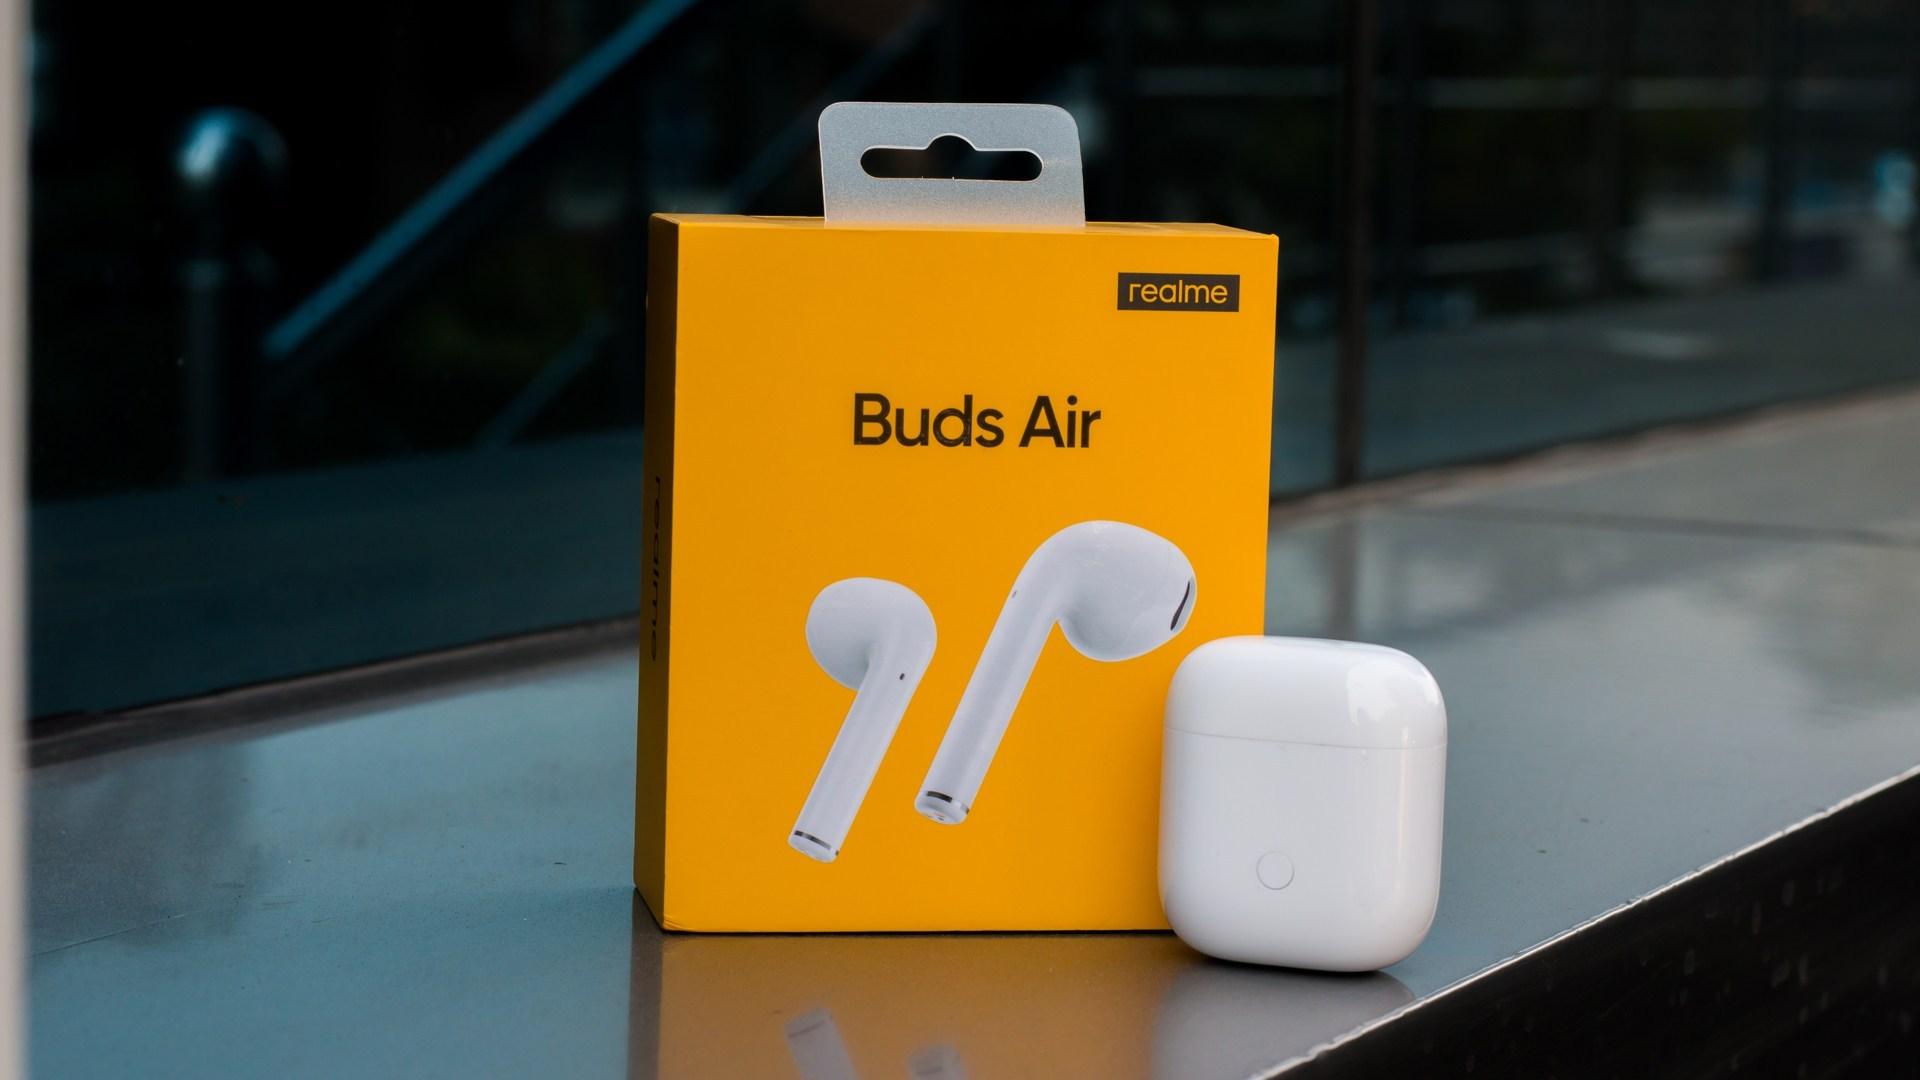 Realme Buds Air